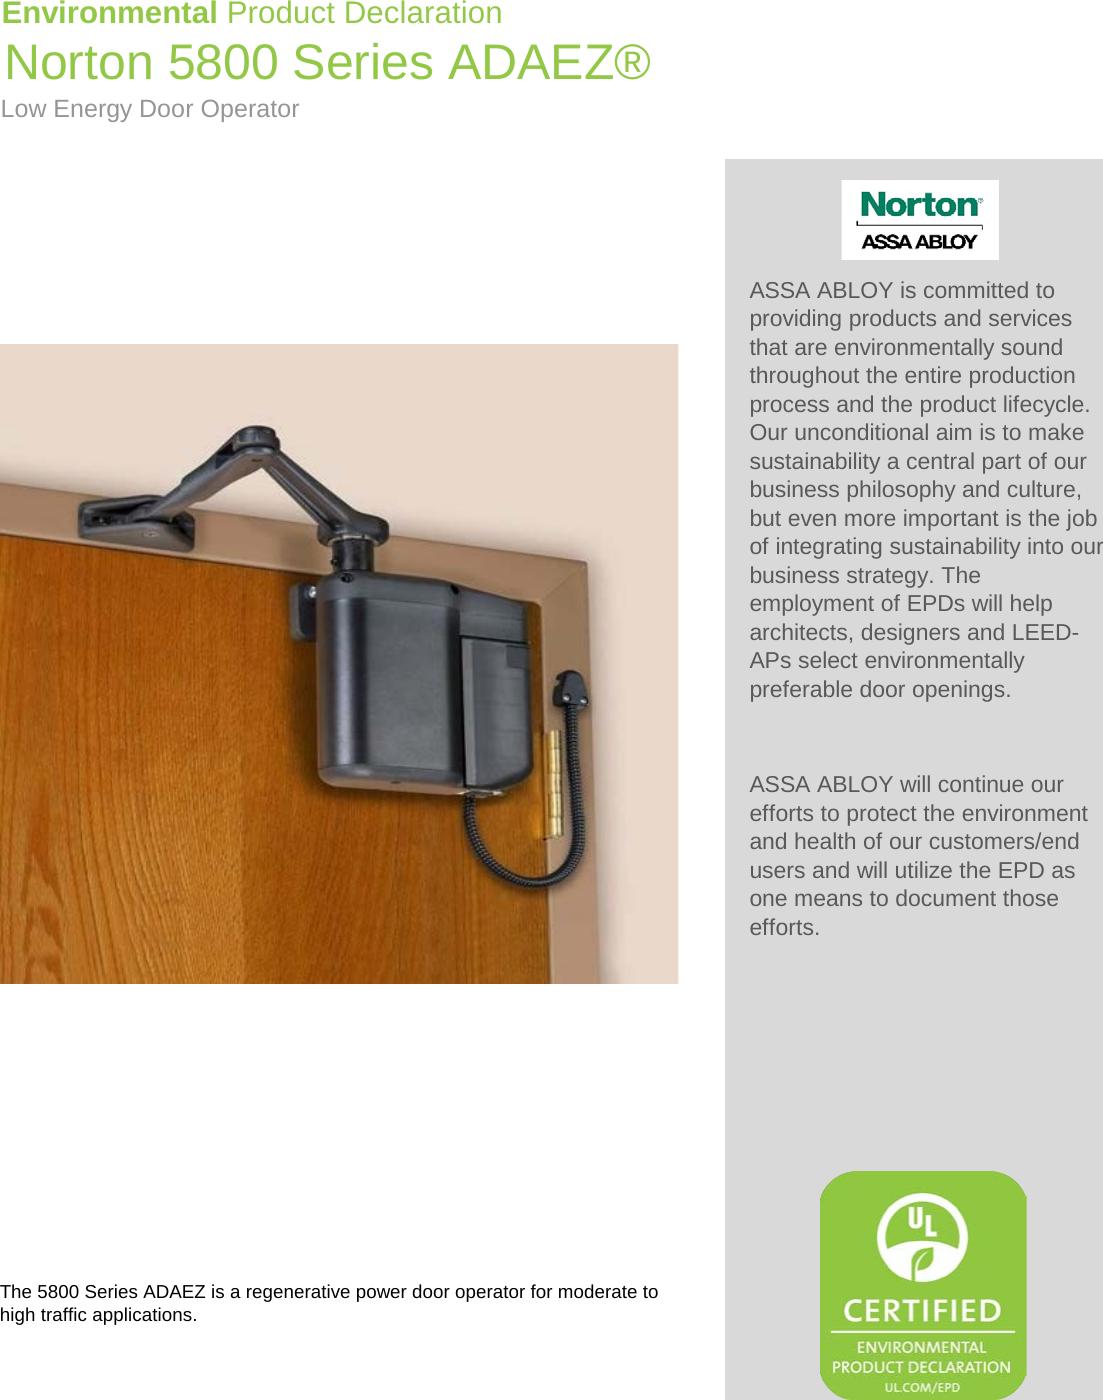 Norton 5800 Series ADAEZ Low Energy Door Operator Environment Product Declaration (EPD) 139.1 ASSA ABLOY EPD  sc 1 st  UserManual.wiki & Norton 5800 Series ADAEZ Low Energy Door Operator Environment ...